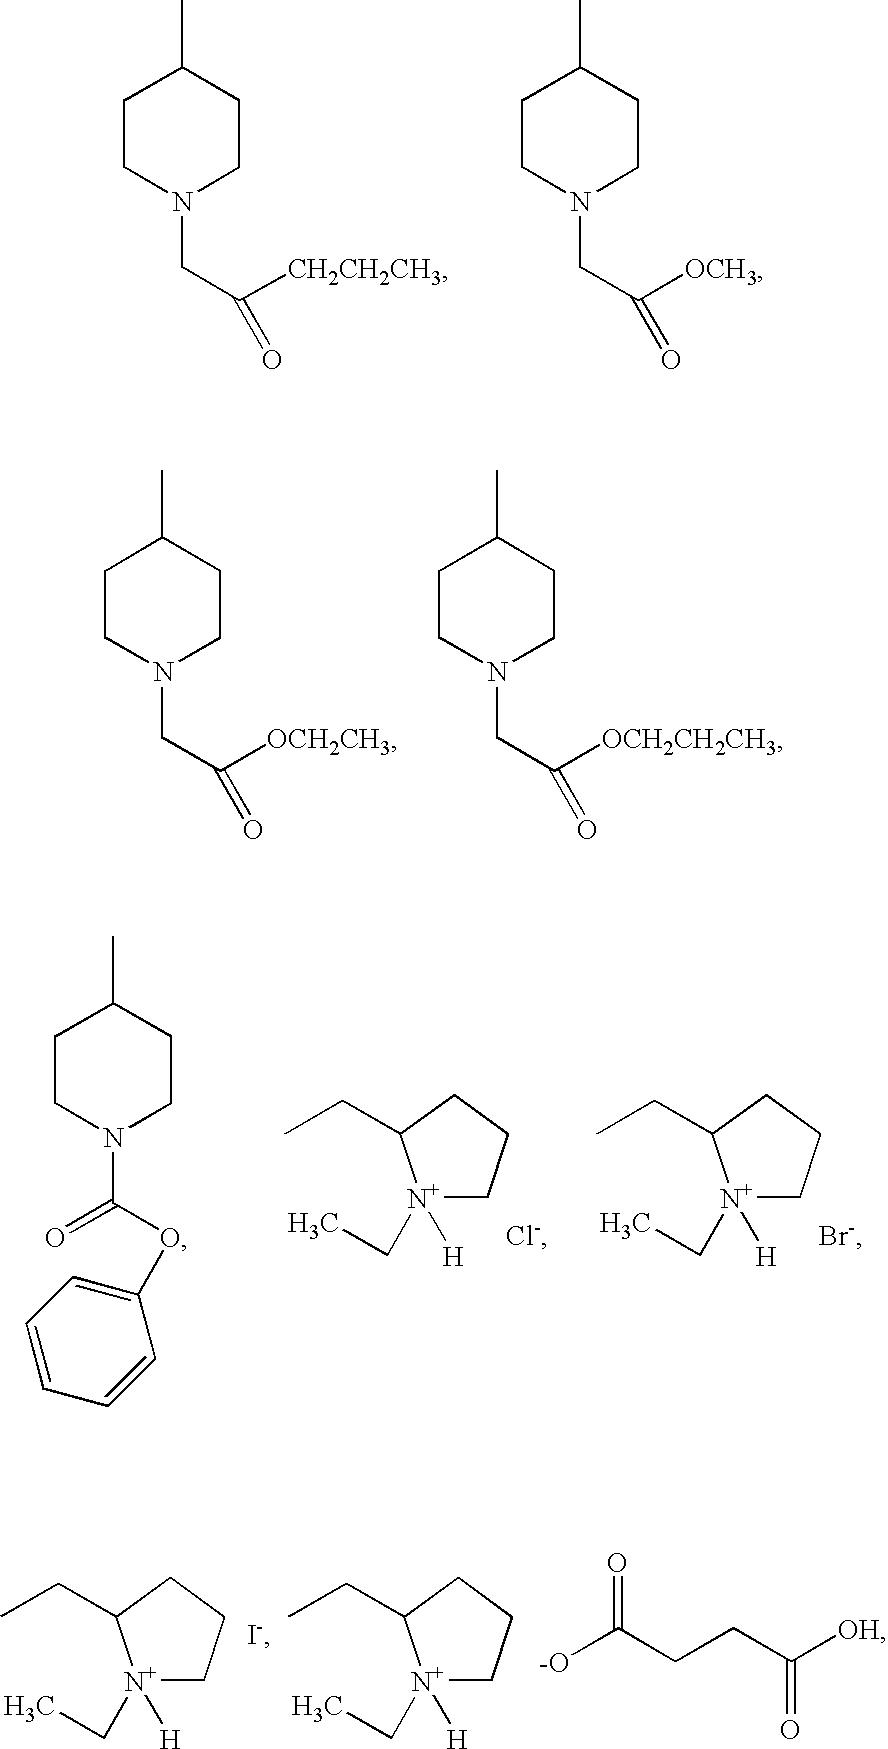 Figure US07112587-20060926-C00068